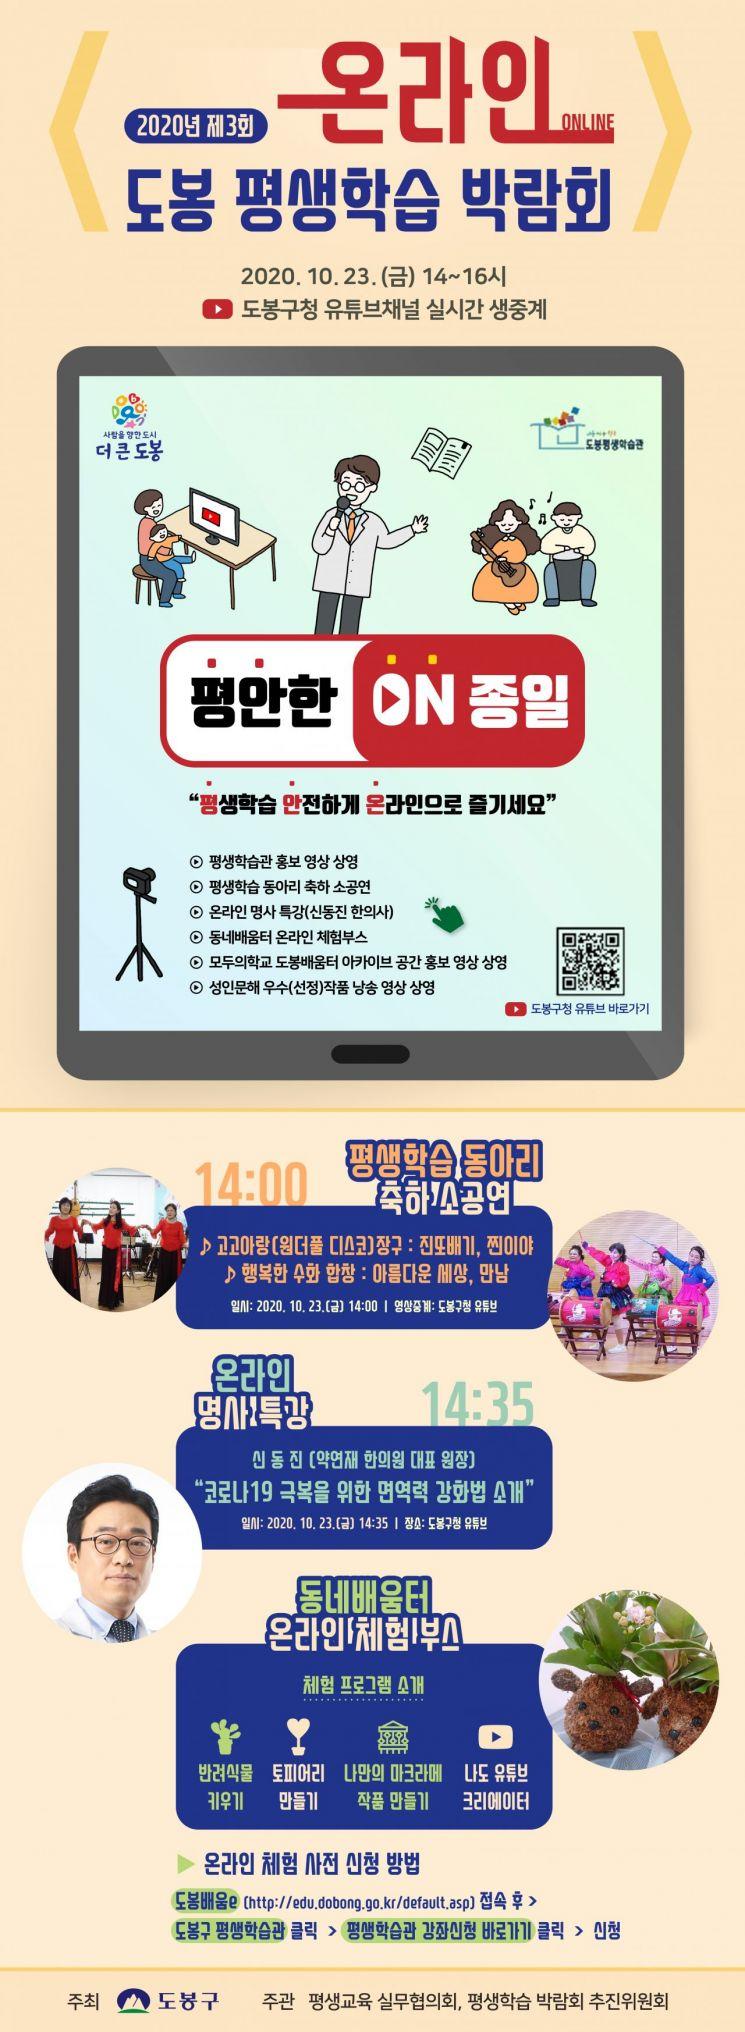 '온라인 도봉 평생학습박람회' 개최